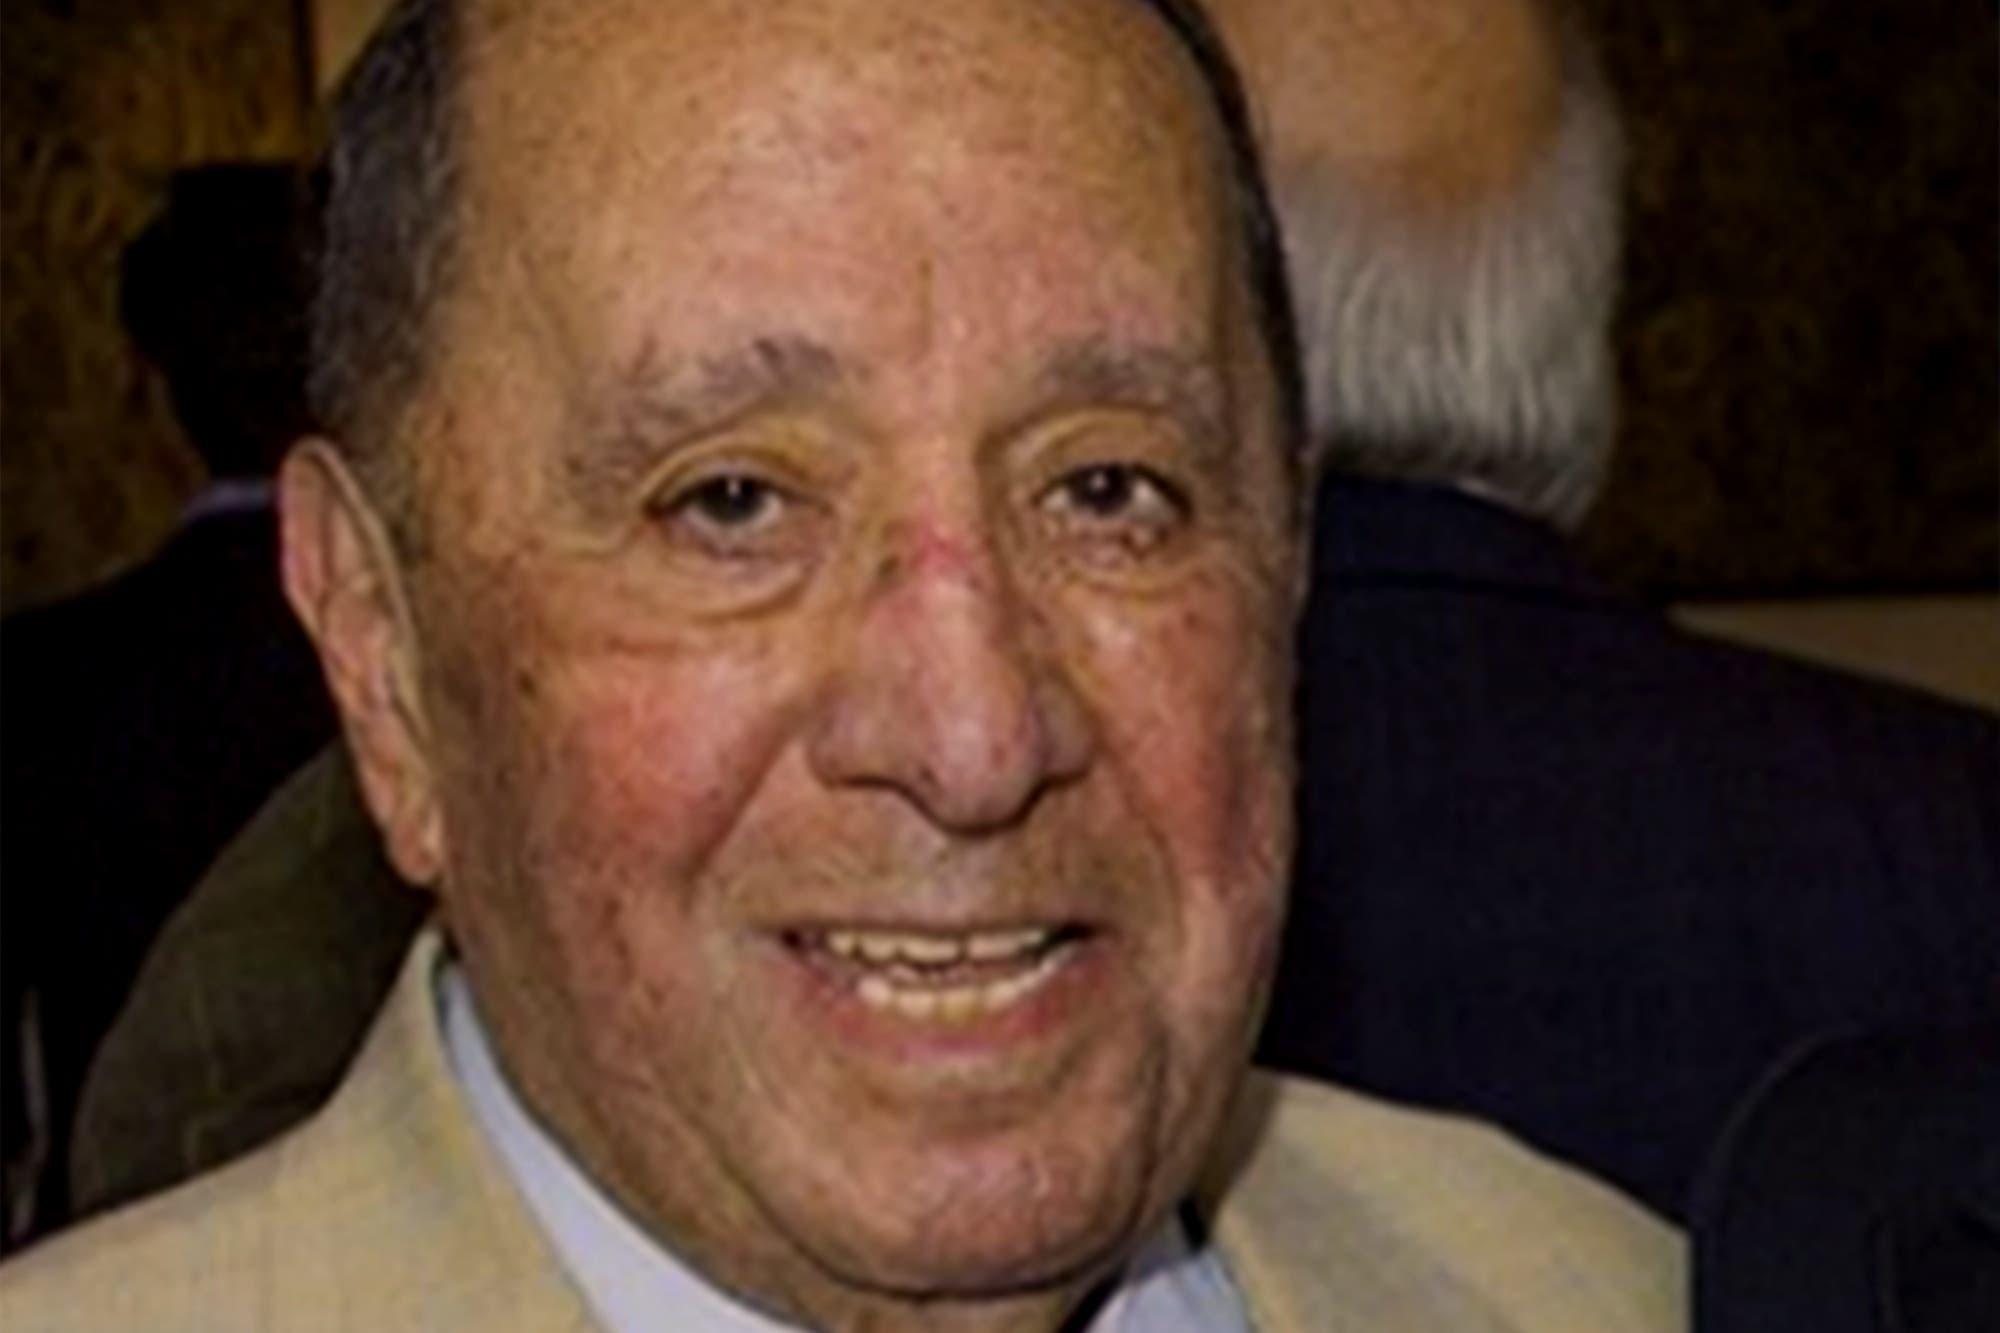 Quién era Elias Masri, el argentino magnate del real estate neoyorquino que murió de coronavirus y fue repatriado